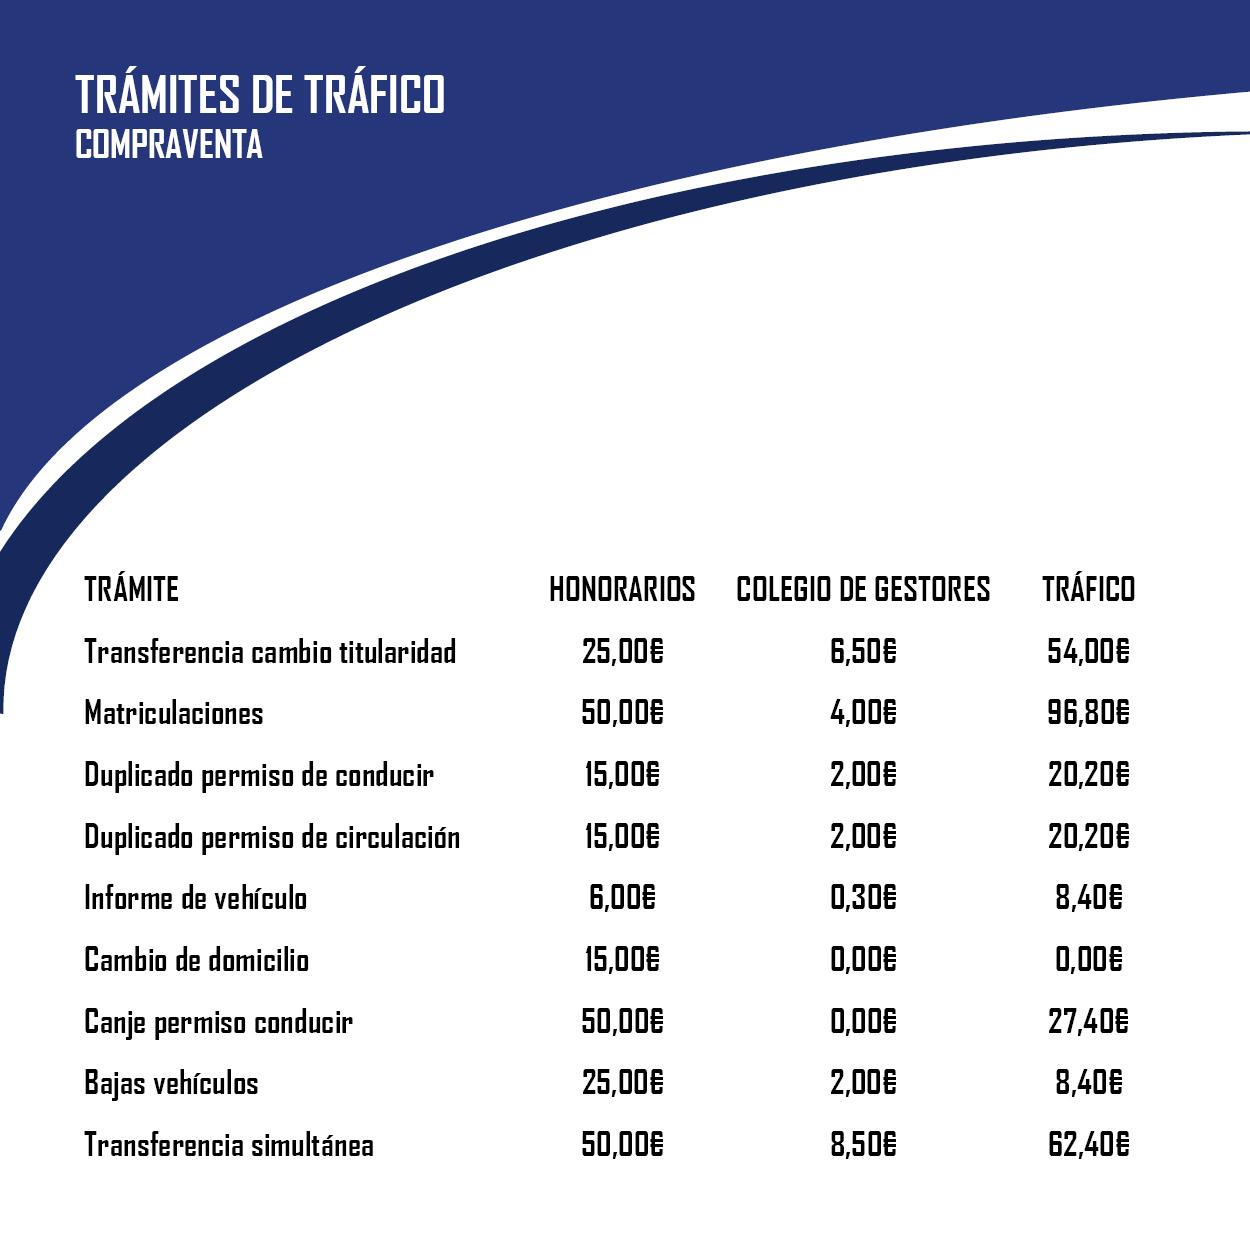 tarifas_diapo_estandar_trafico3